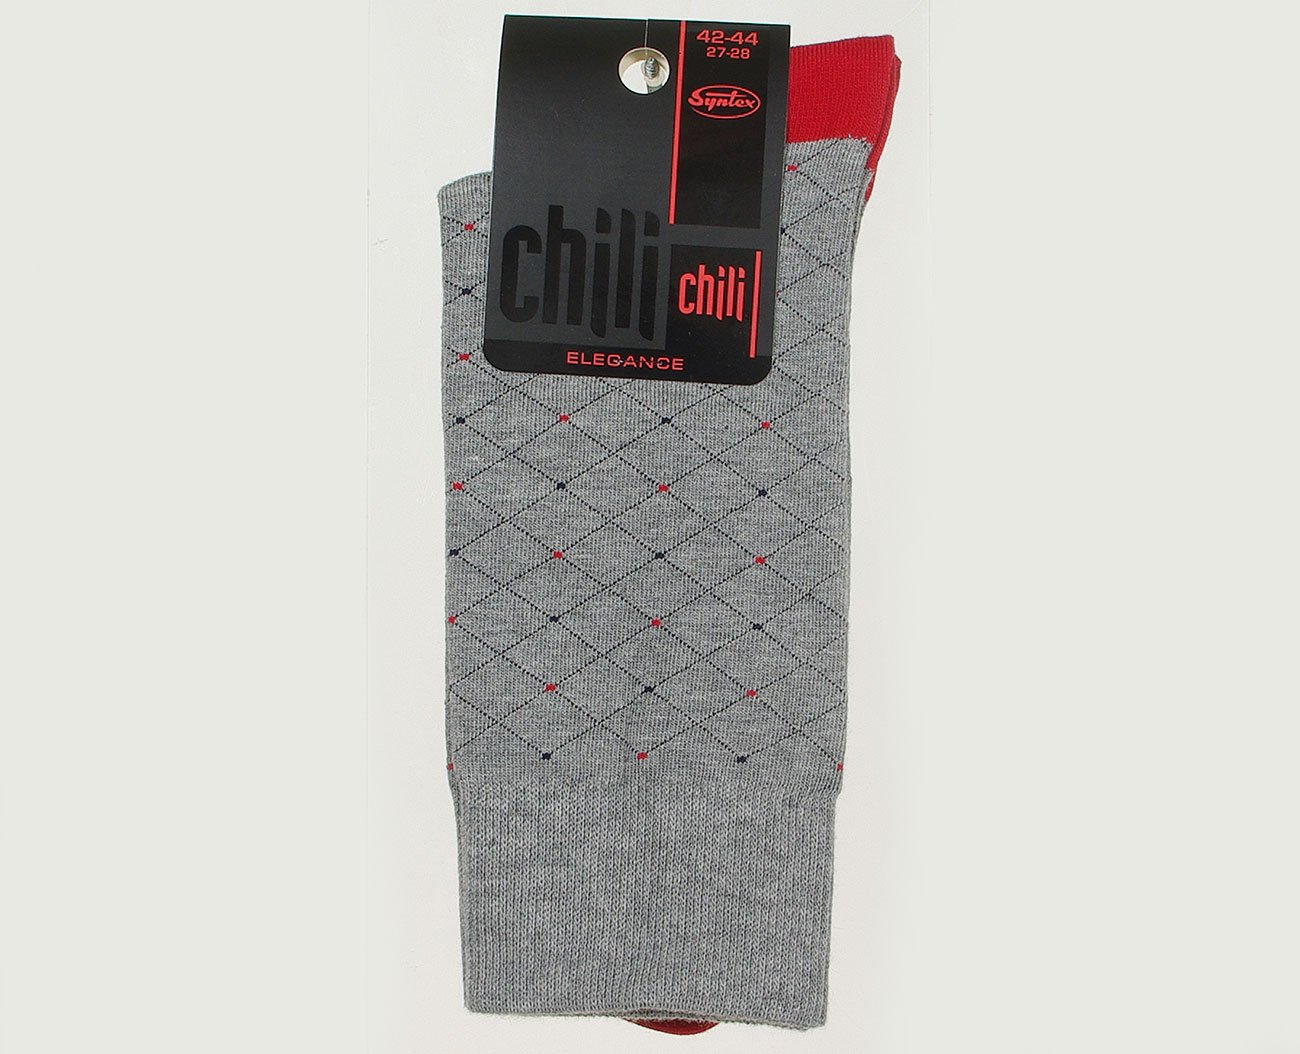 Chili Elegance siatka grey/red skarpety